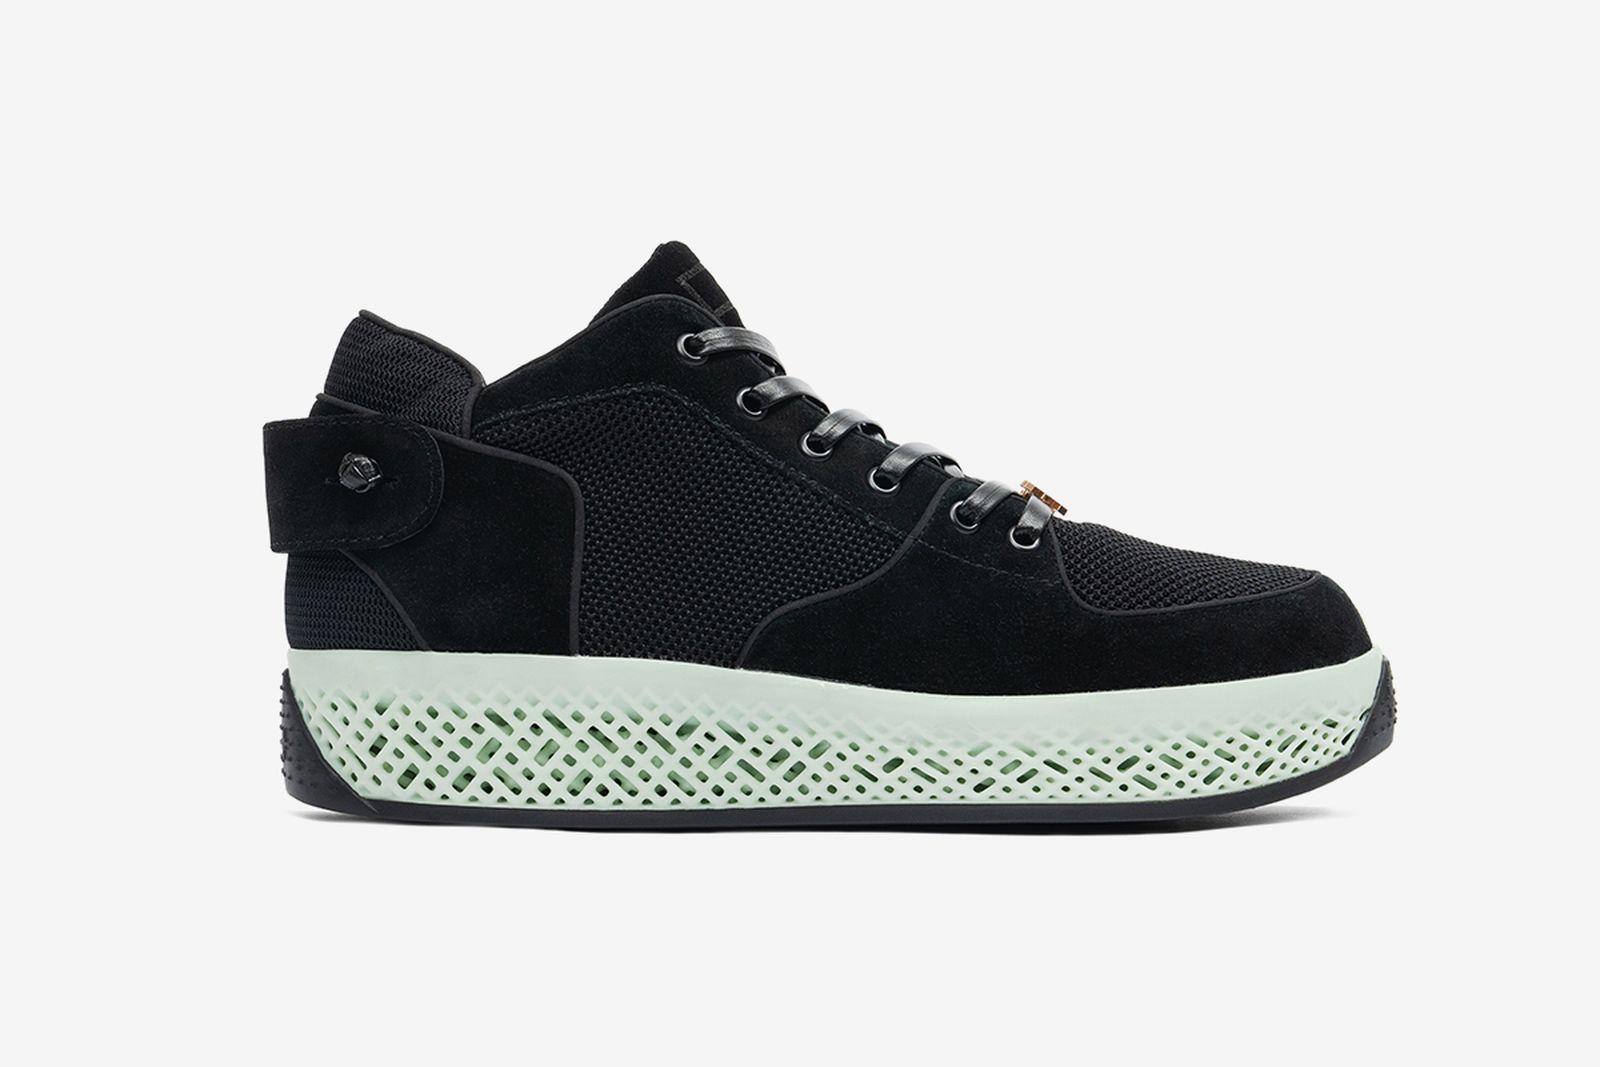 shang-zia-shuneaker-release-date-price-04